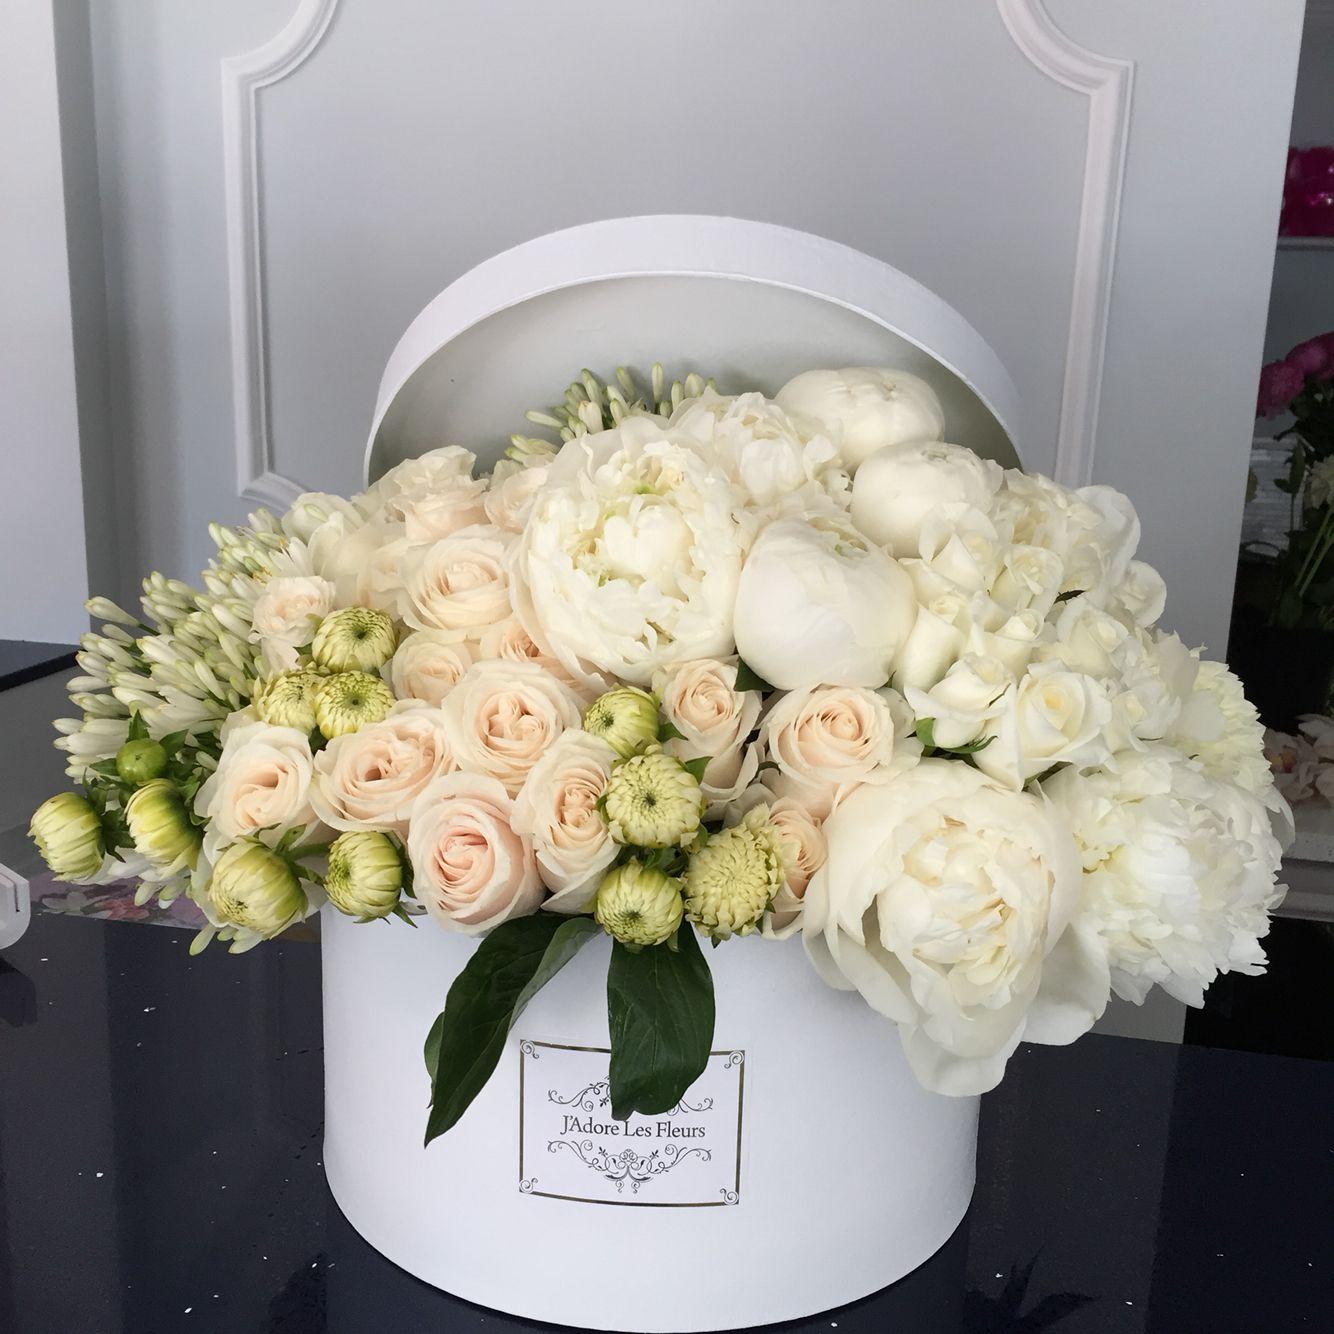 j'adore les fleurs | flowers.. | pinterest | flowers, beautiful